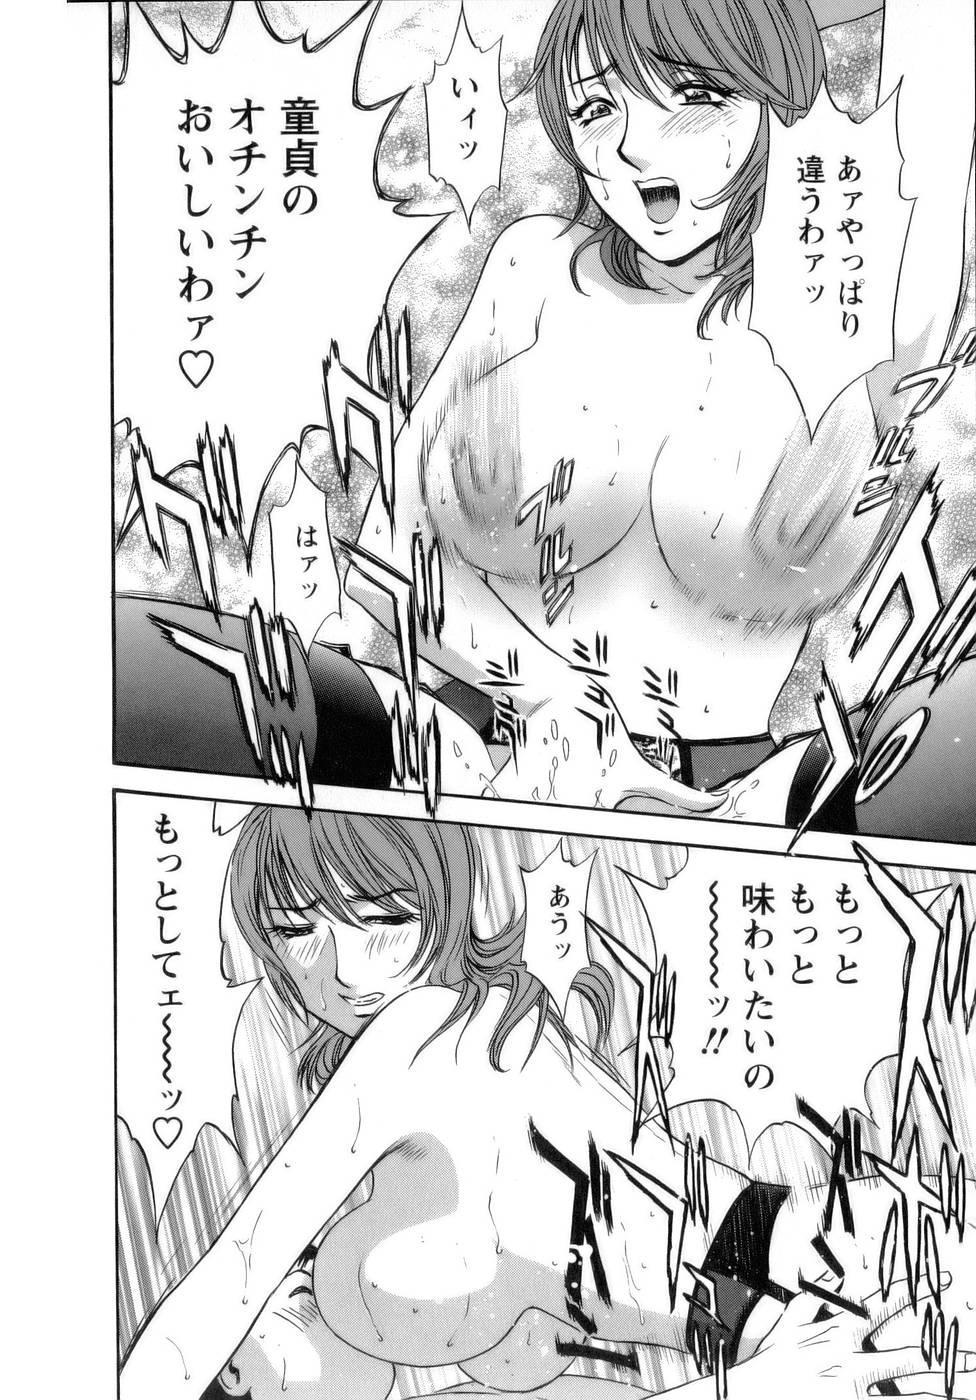 [Hidemaru] Mo-Retsu! Boin Sensei (Boing Boing Teacher) Vol.1 69